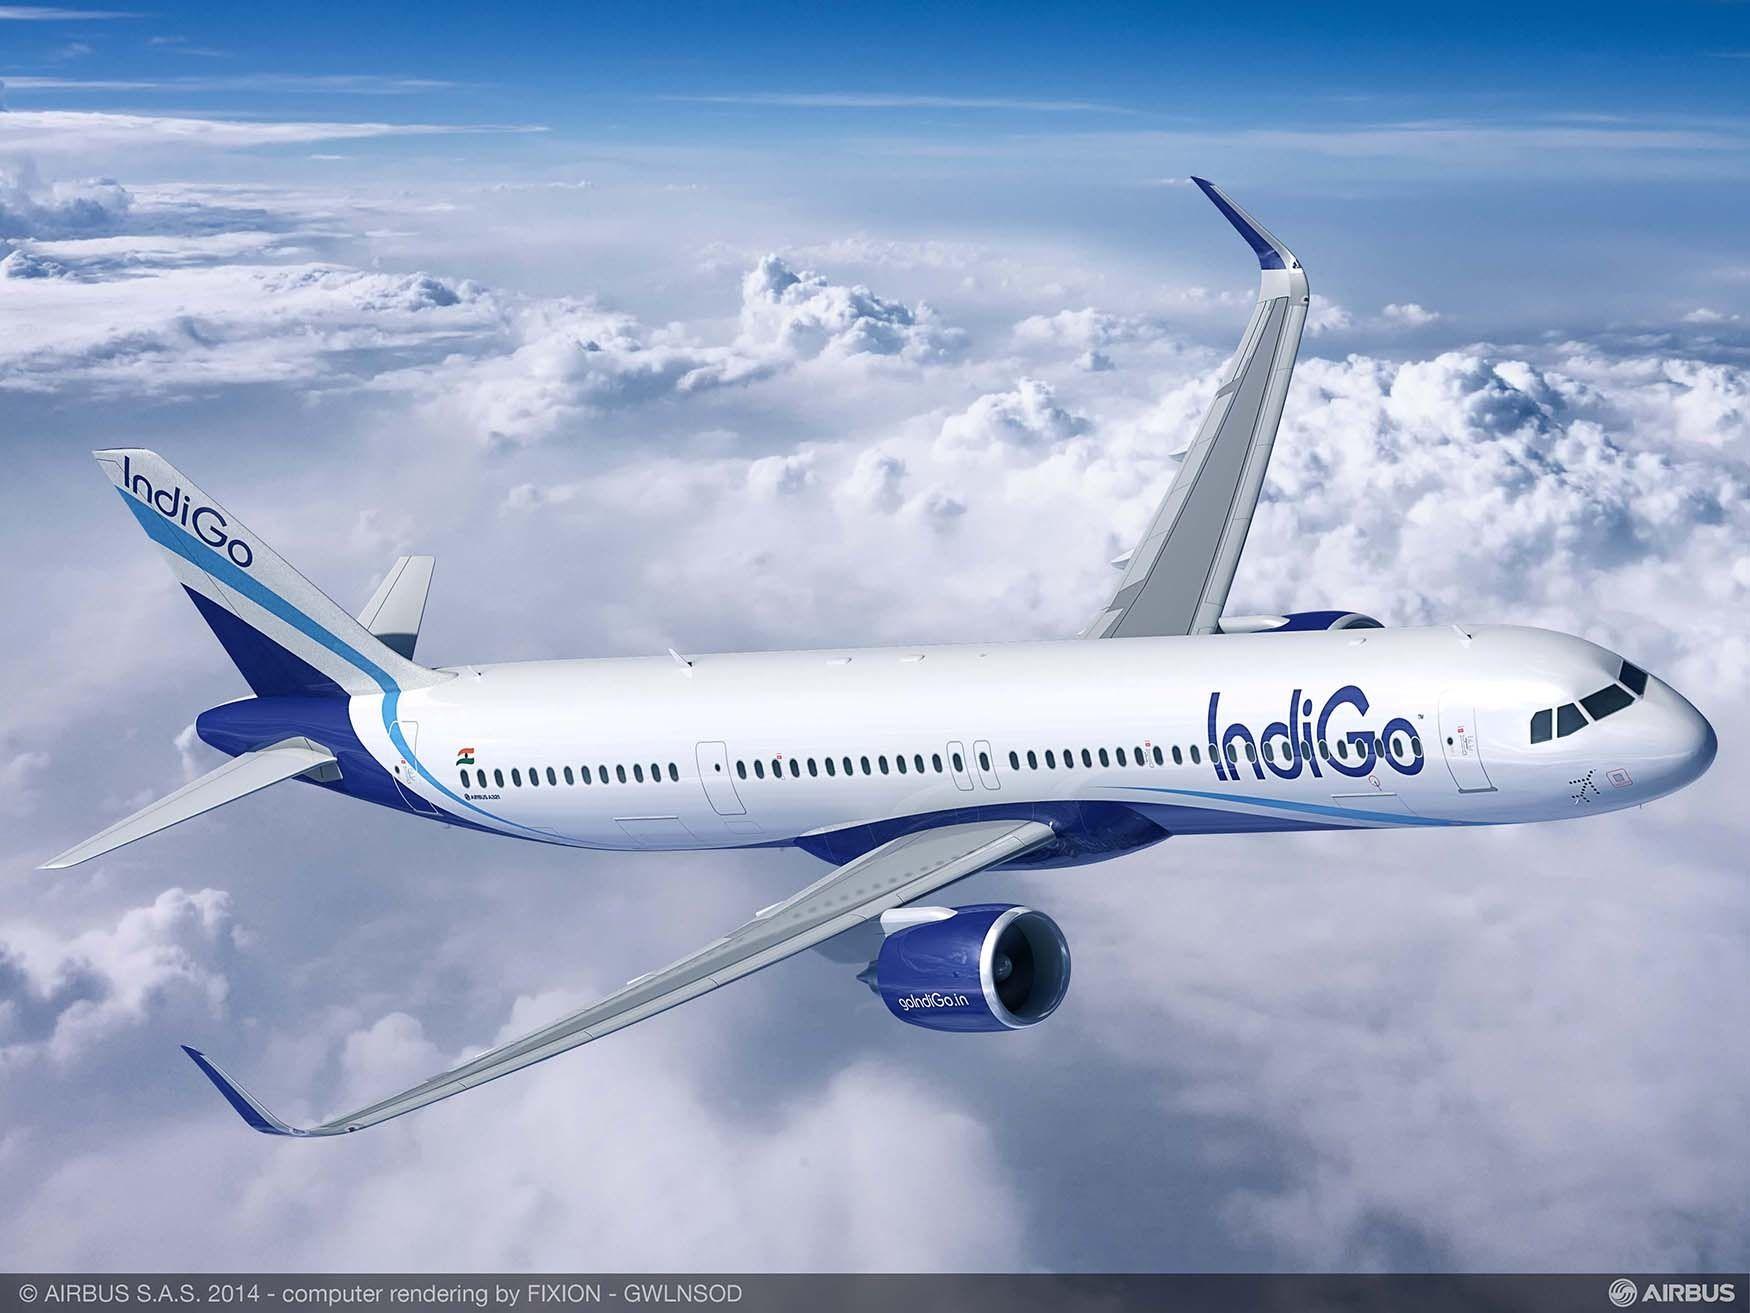 印度靛蓝航空订购300架空客A320neo系列飞机